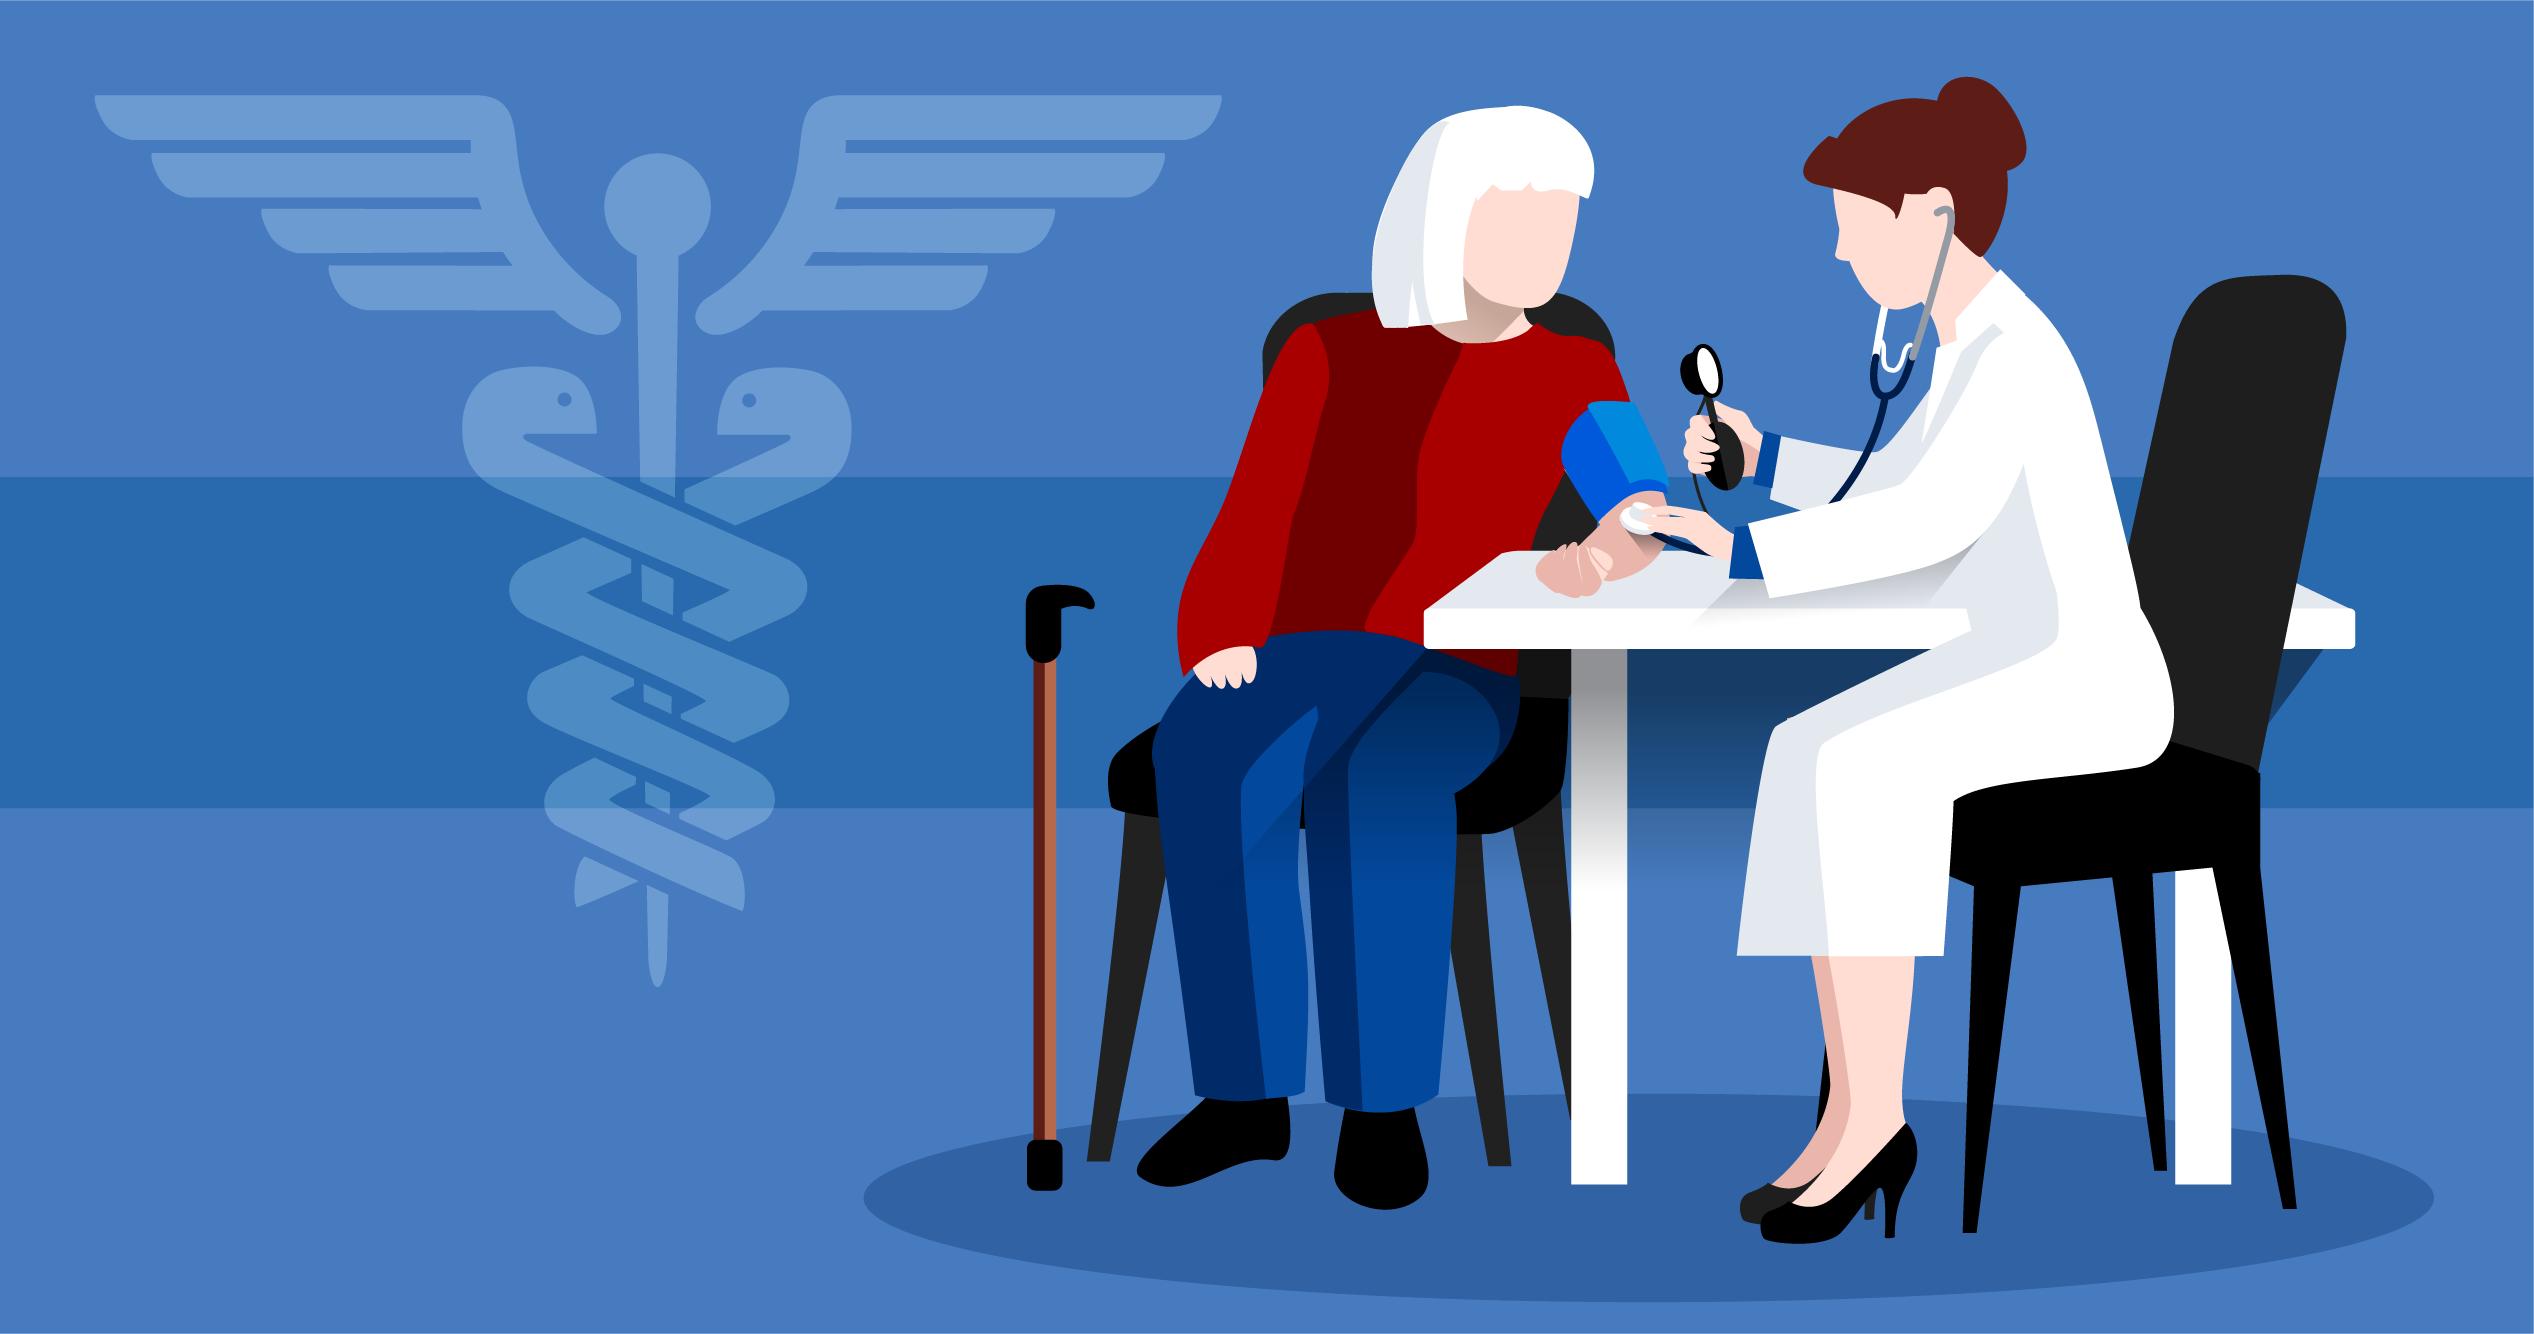 blog-images_drs-patients_608x320_artboard-25_mb